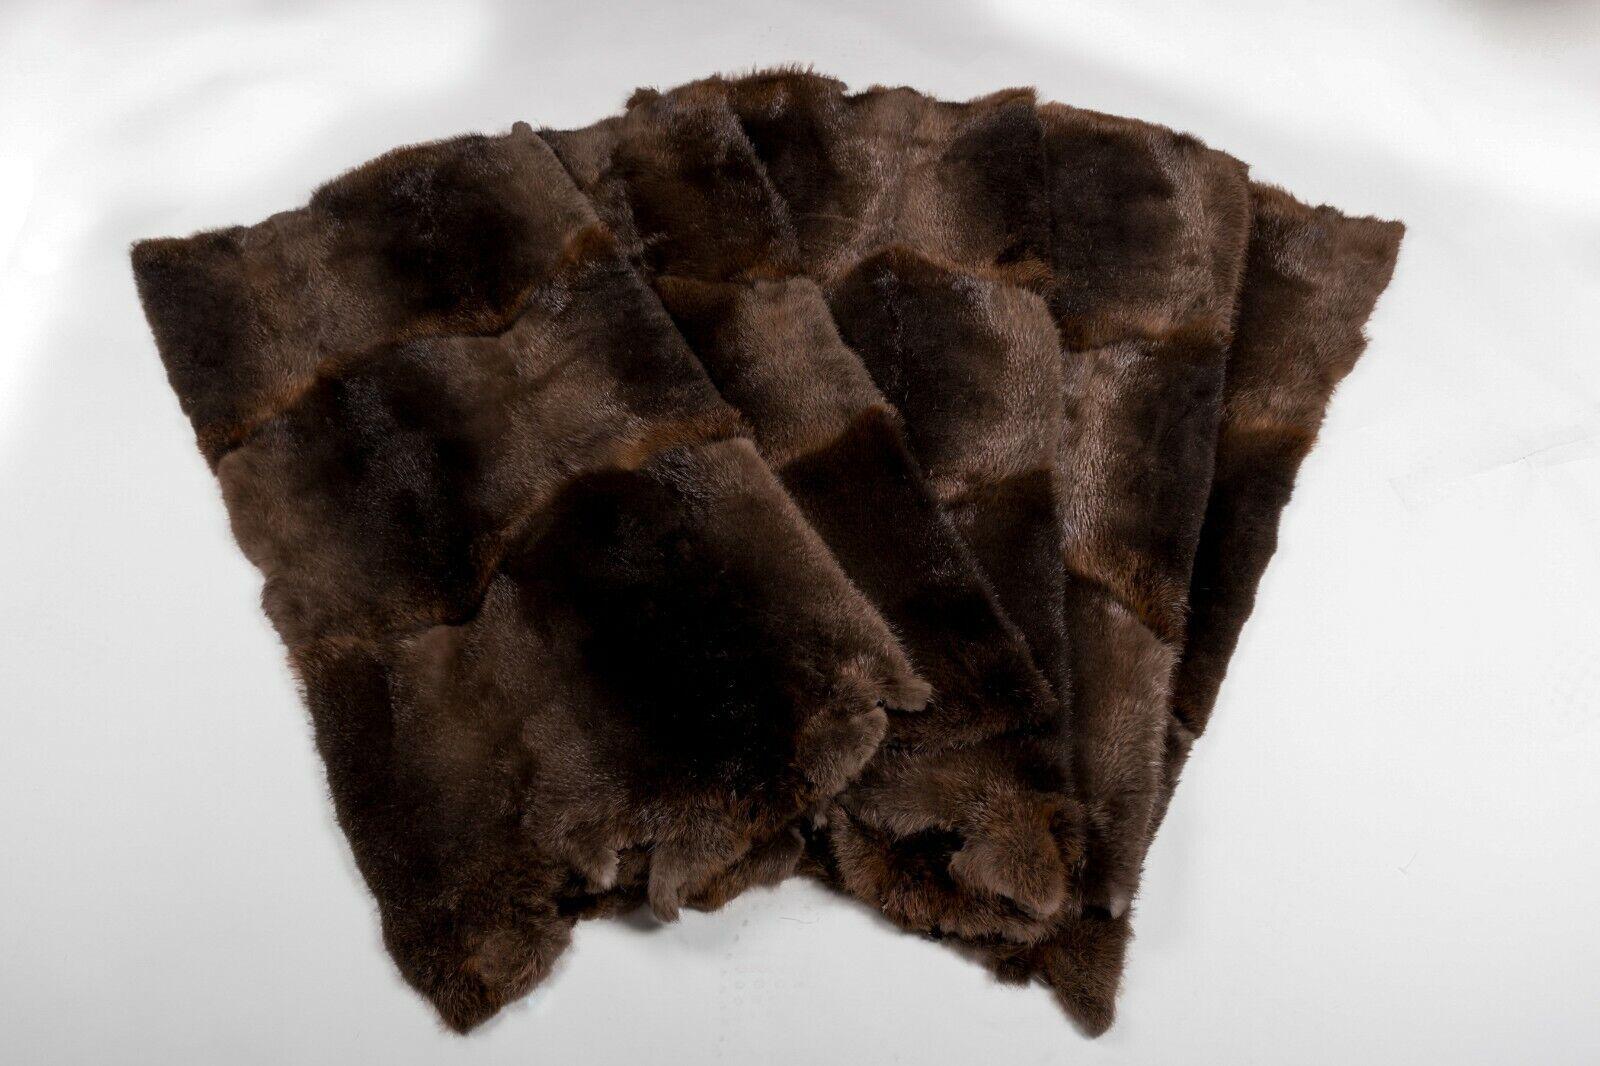 1945 Biber Tafeln Echtfell Echtfell Echtfell Fell Pelz   Beaver Skins Plates Genuine Fur Body | Clever und praktisch  | Günstige Bestellung  | Schönes Design  | Treten Sie ein in die Welt der Spielzeuge und finden Sie eine Quelle des Glücks  | Vorzüglich  6f79b0